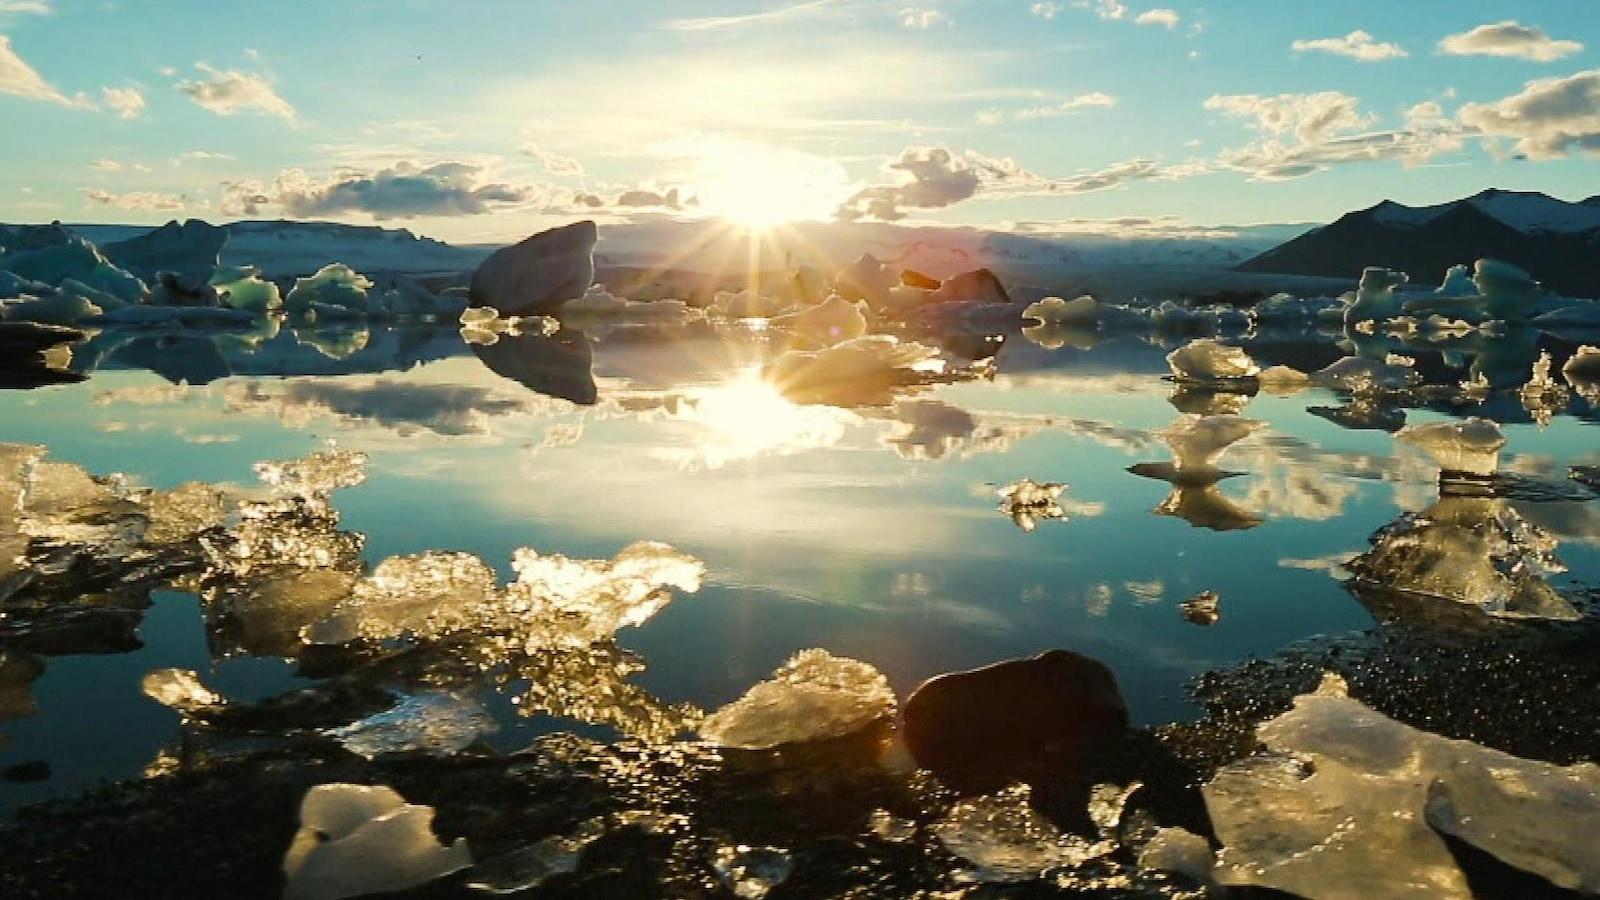 Un paysage d'eau, de glace et de nuages.